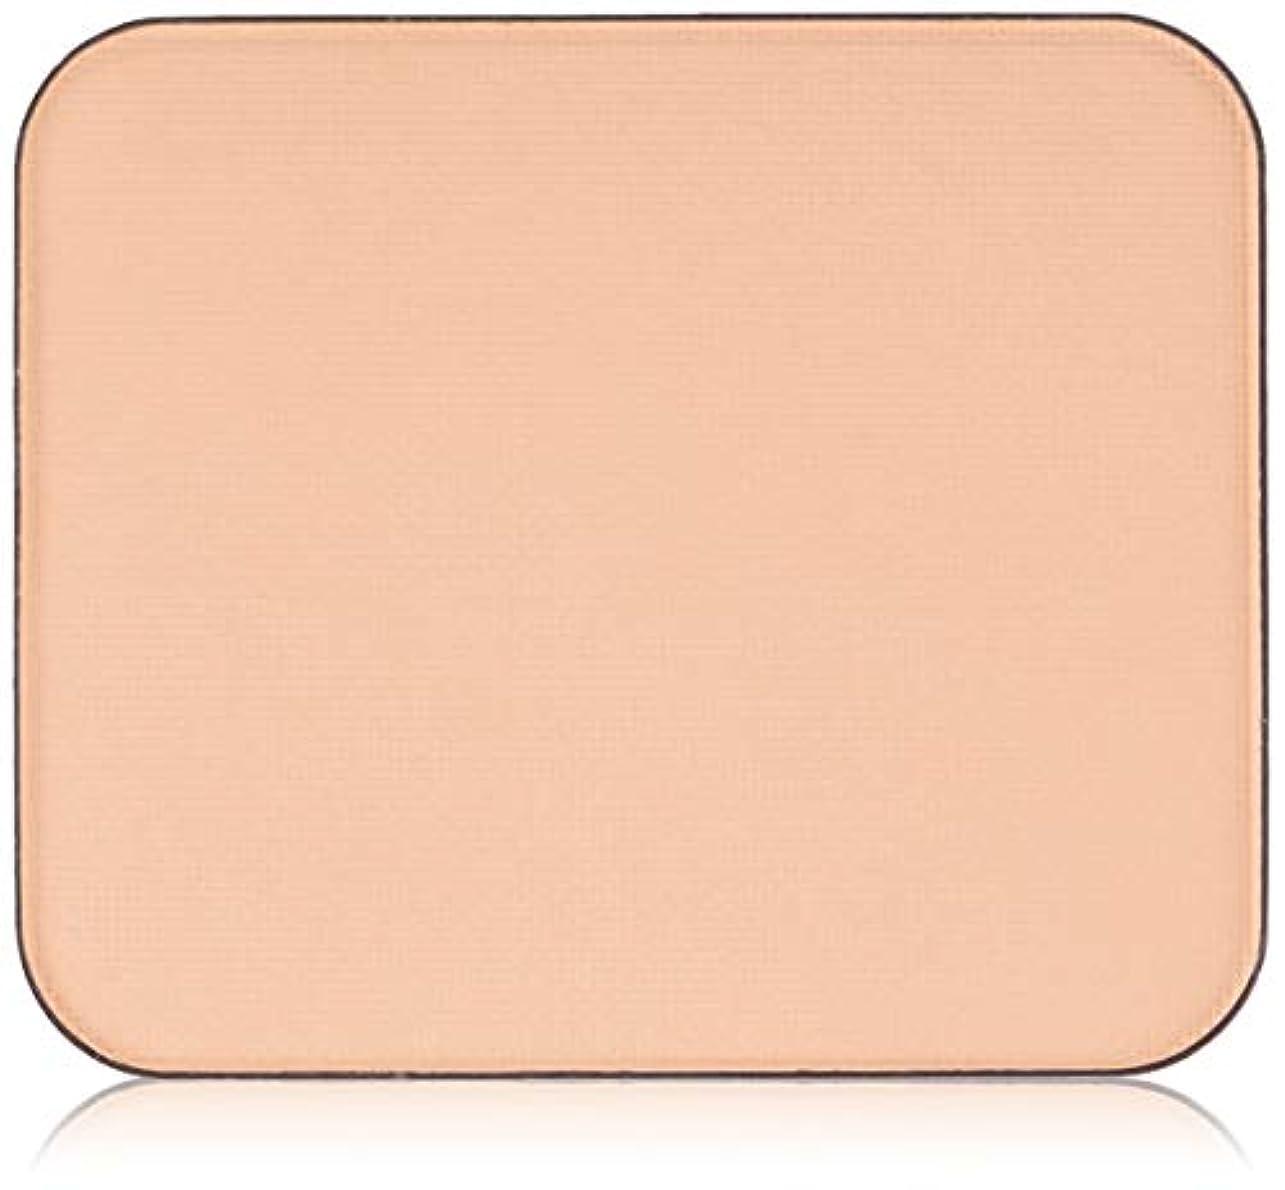 ドライブバブル表現Celvoke(セルヴォーク) インテントスキン パウダーファンデーション 全5色 201 明るいベージュ系